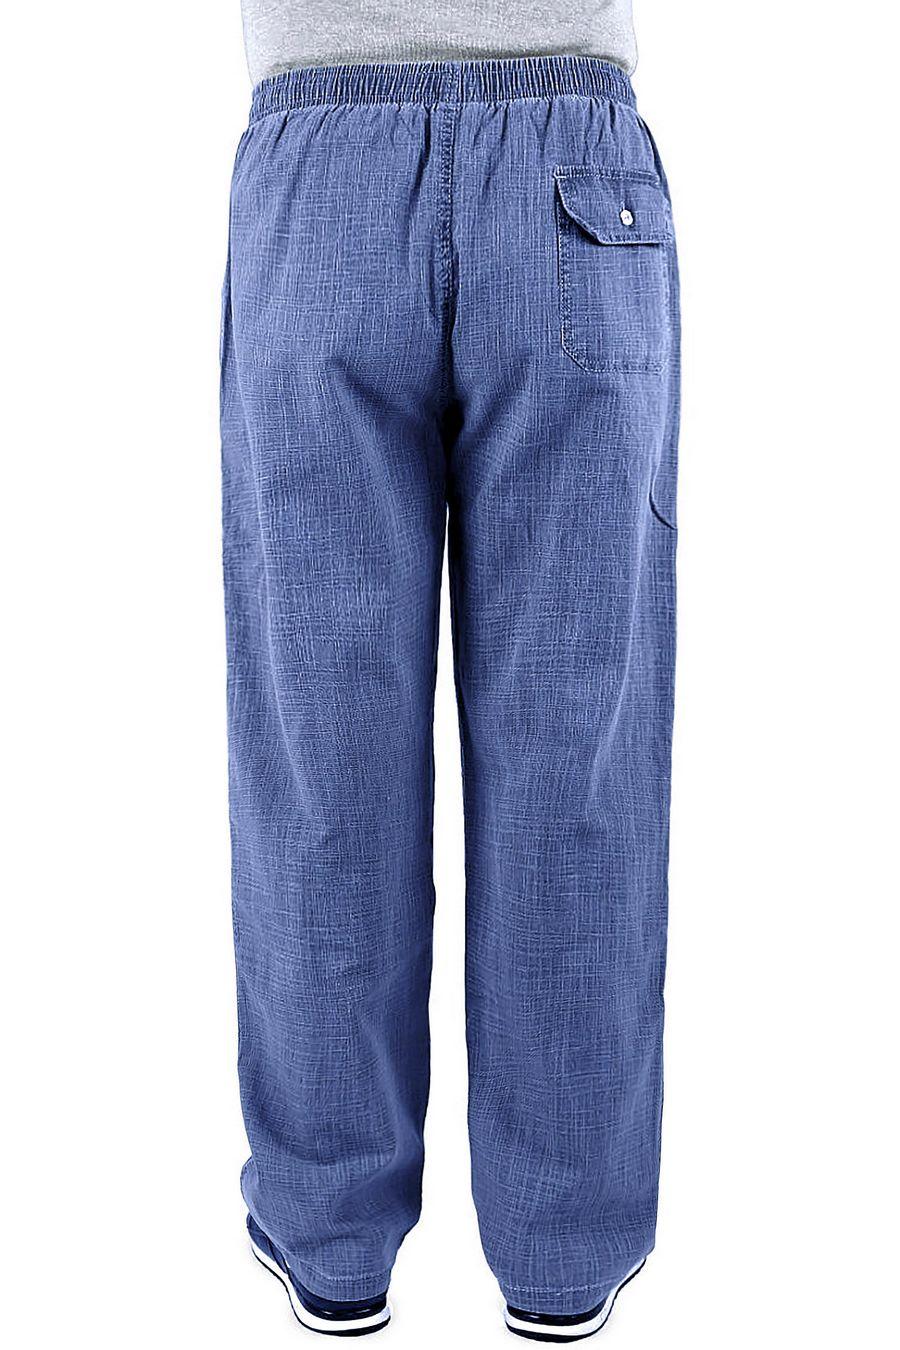 Брюки мужские JJX C6 синие - фото 2